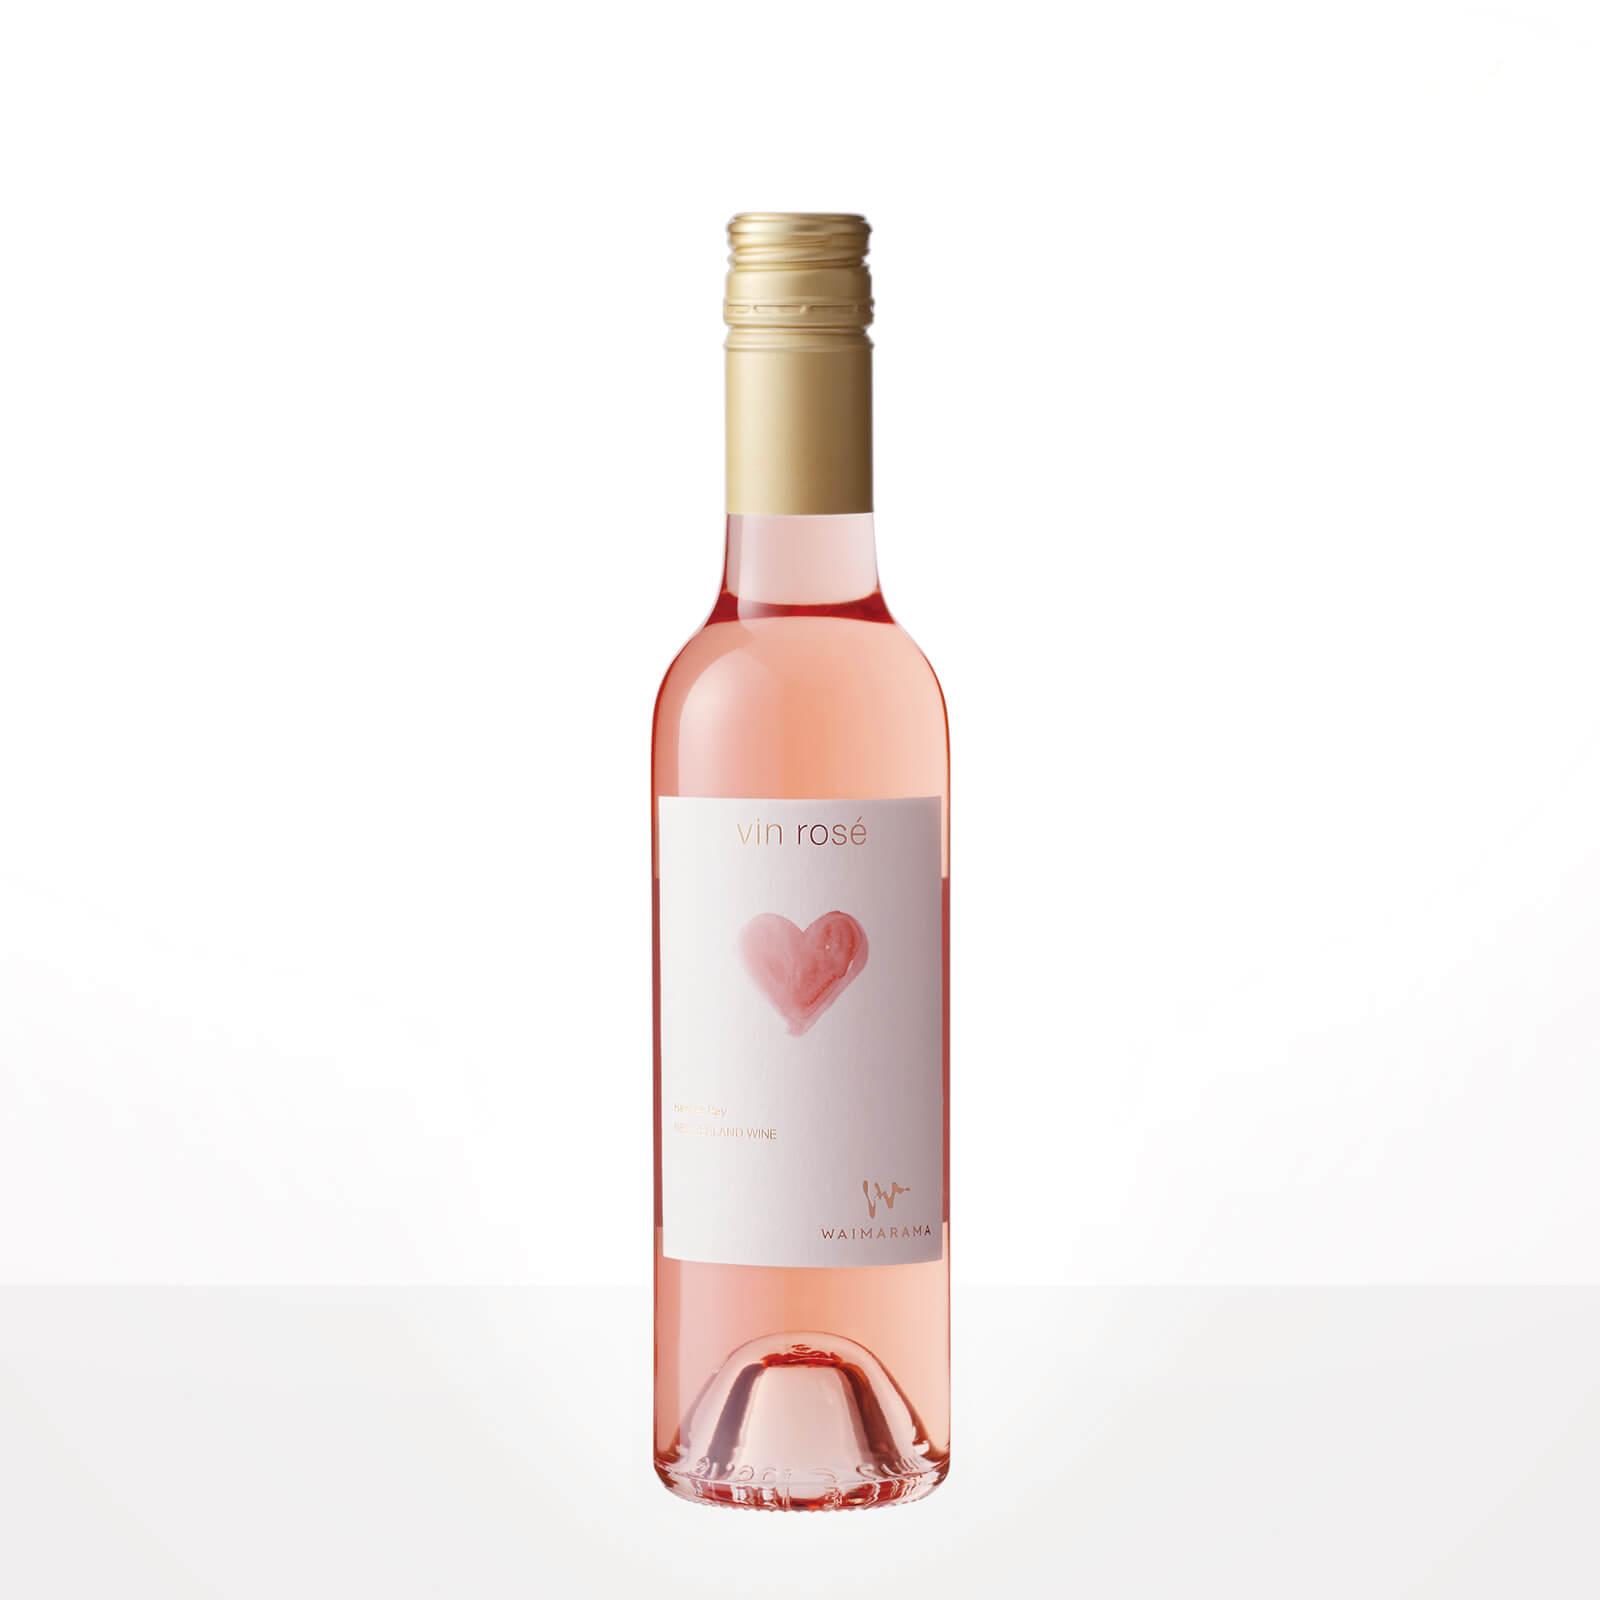 画像1: vin rose HEART 2020 ハーフ375ml (1)